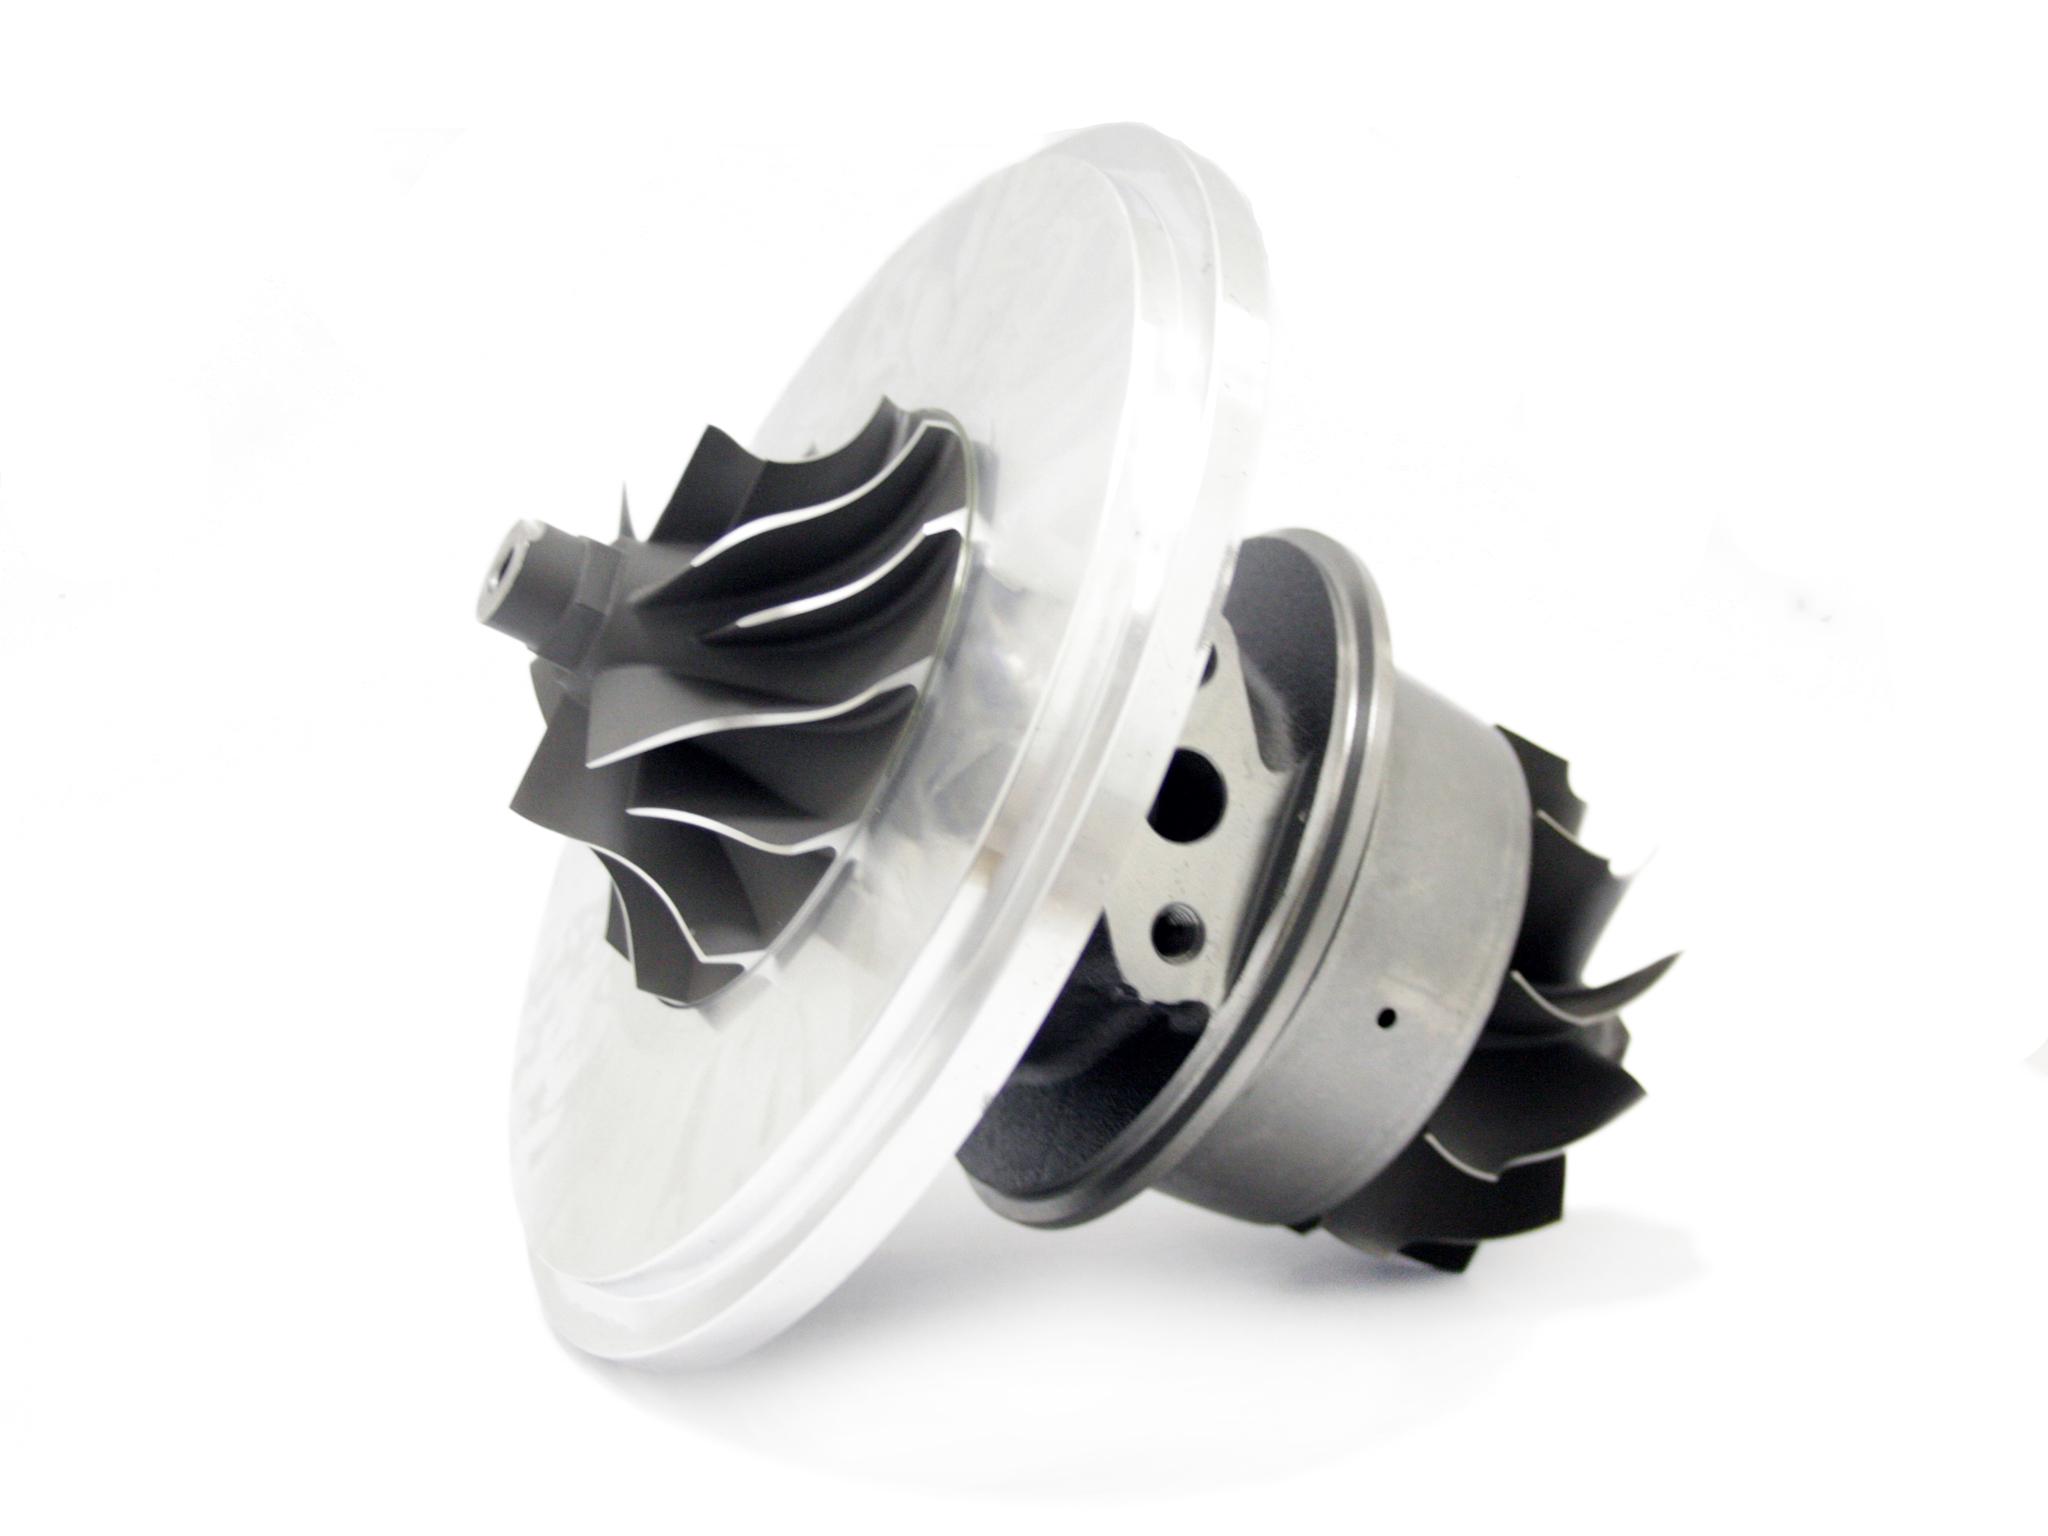 Картридж турбины GT4594 Вольво 12.0 D12 354-425 л.с.